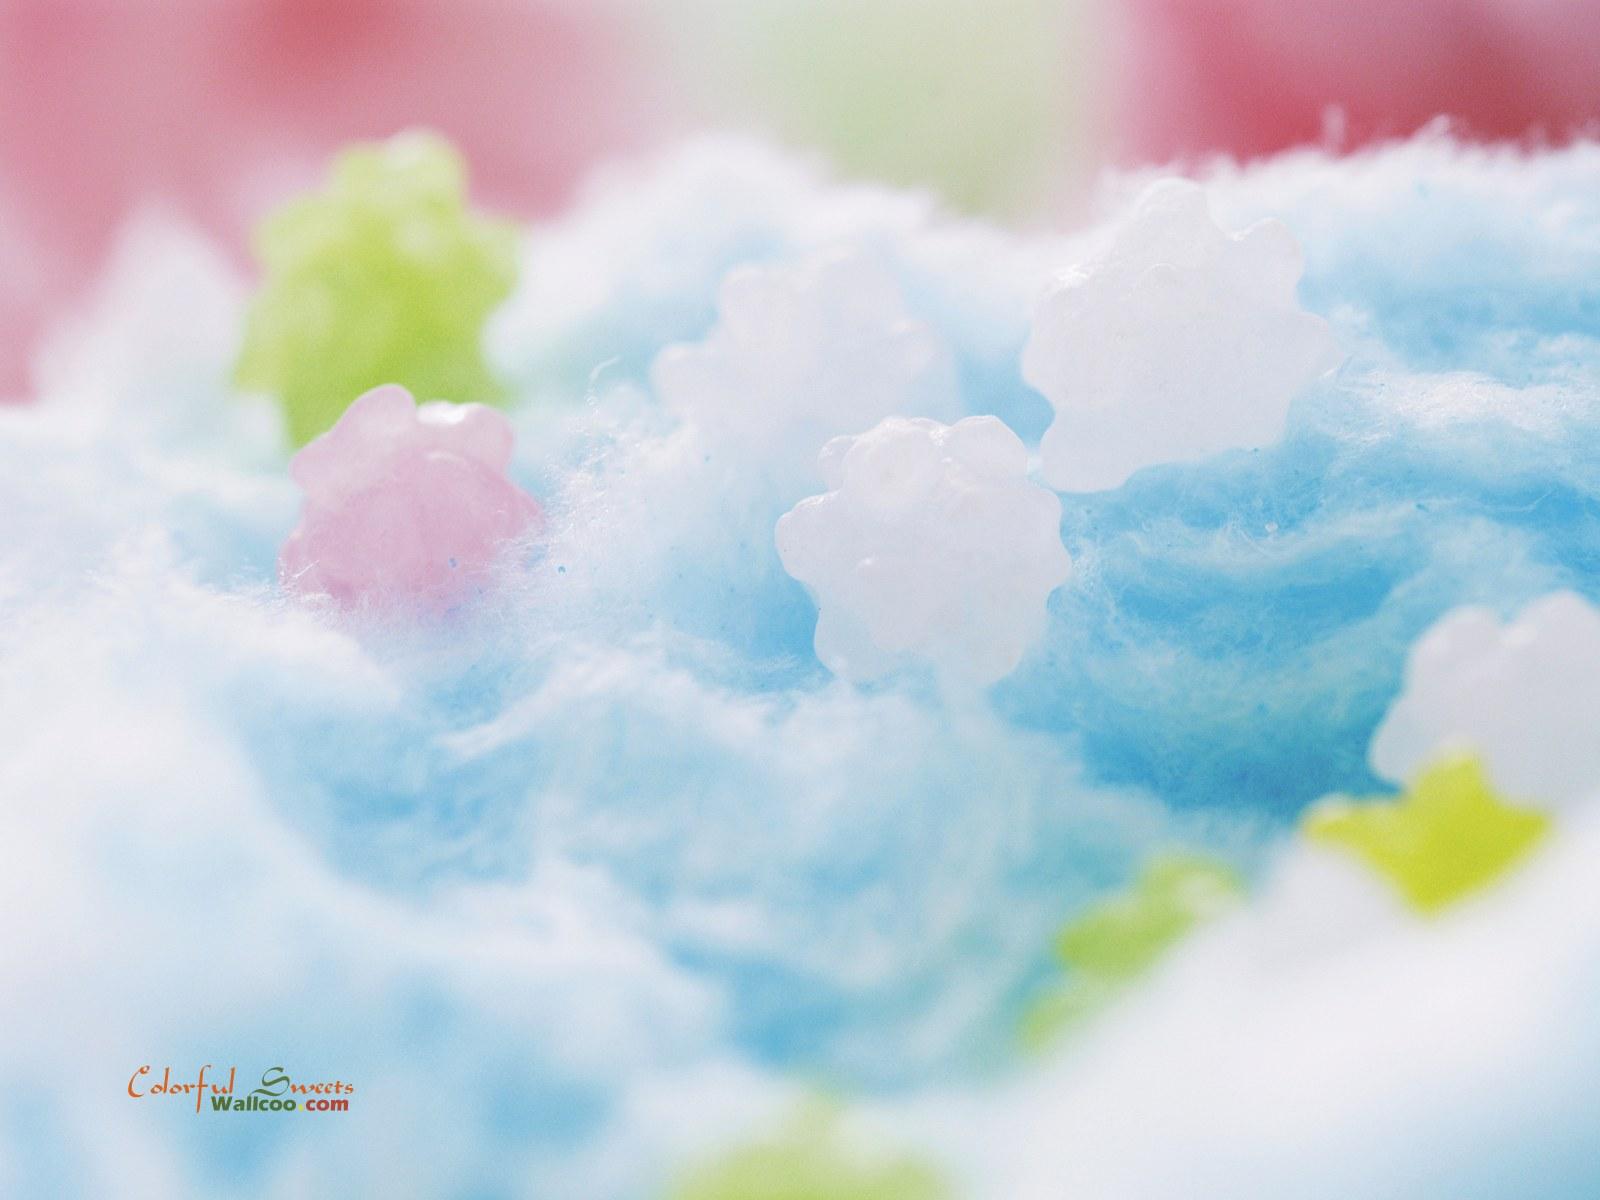 非常可爱的缤纷糖果高清背景图片素材3(25p)